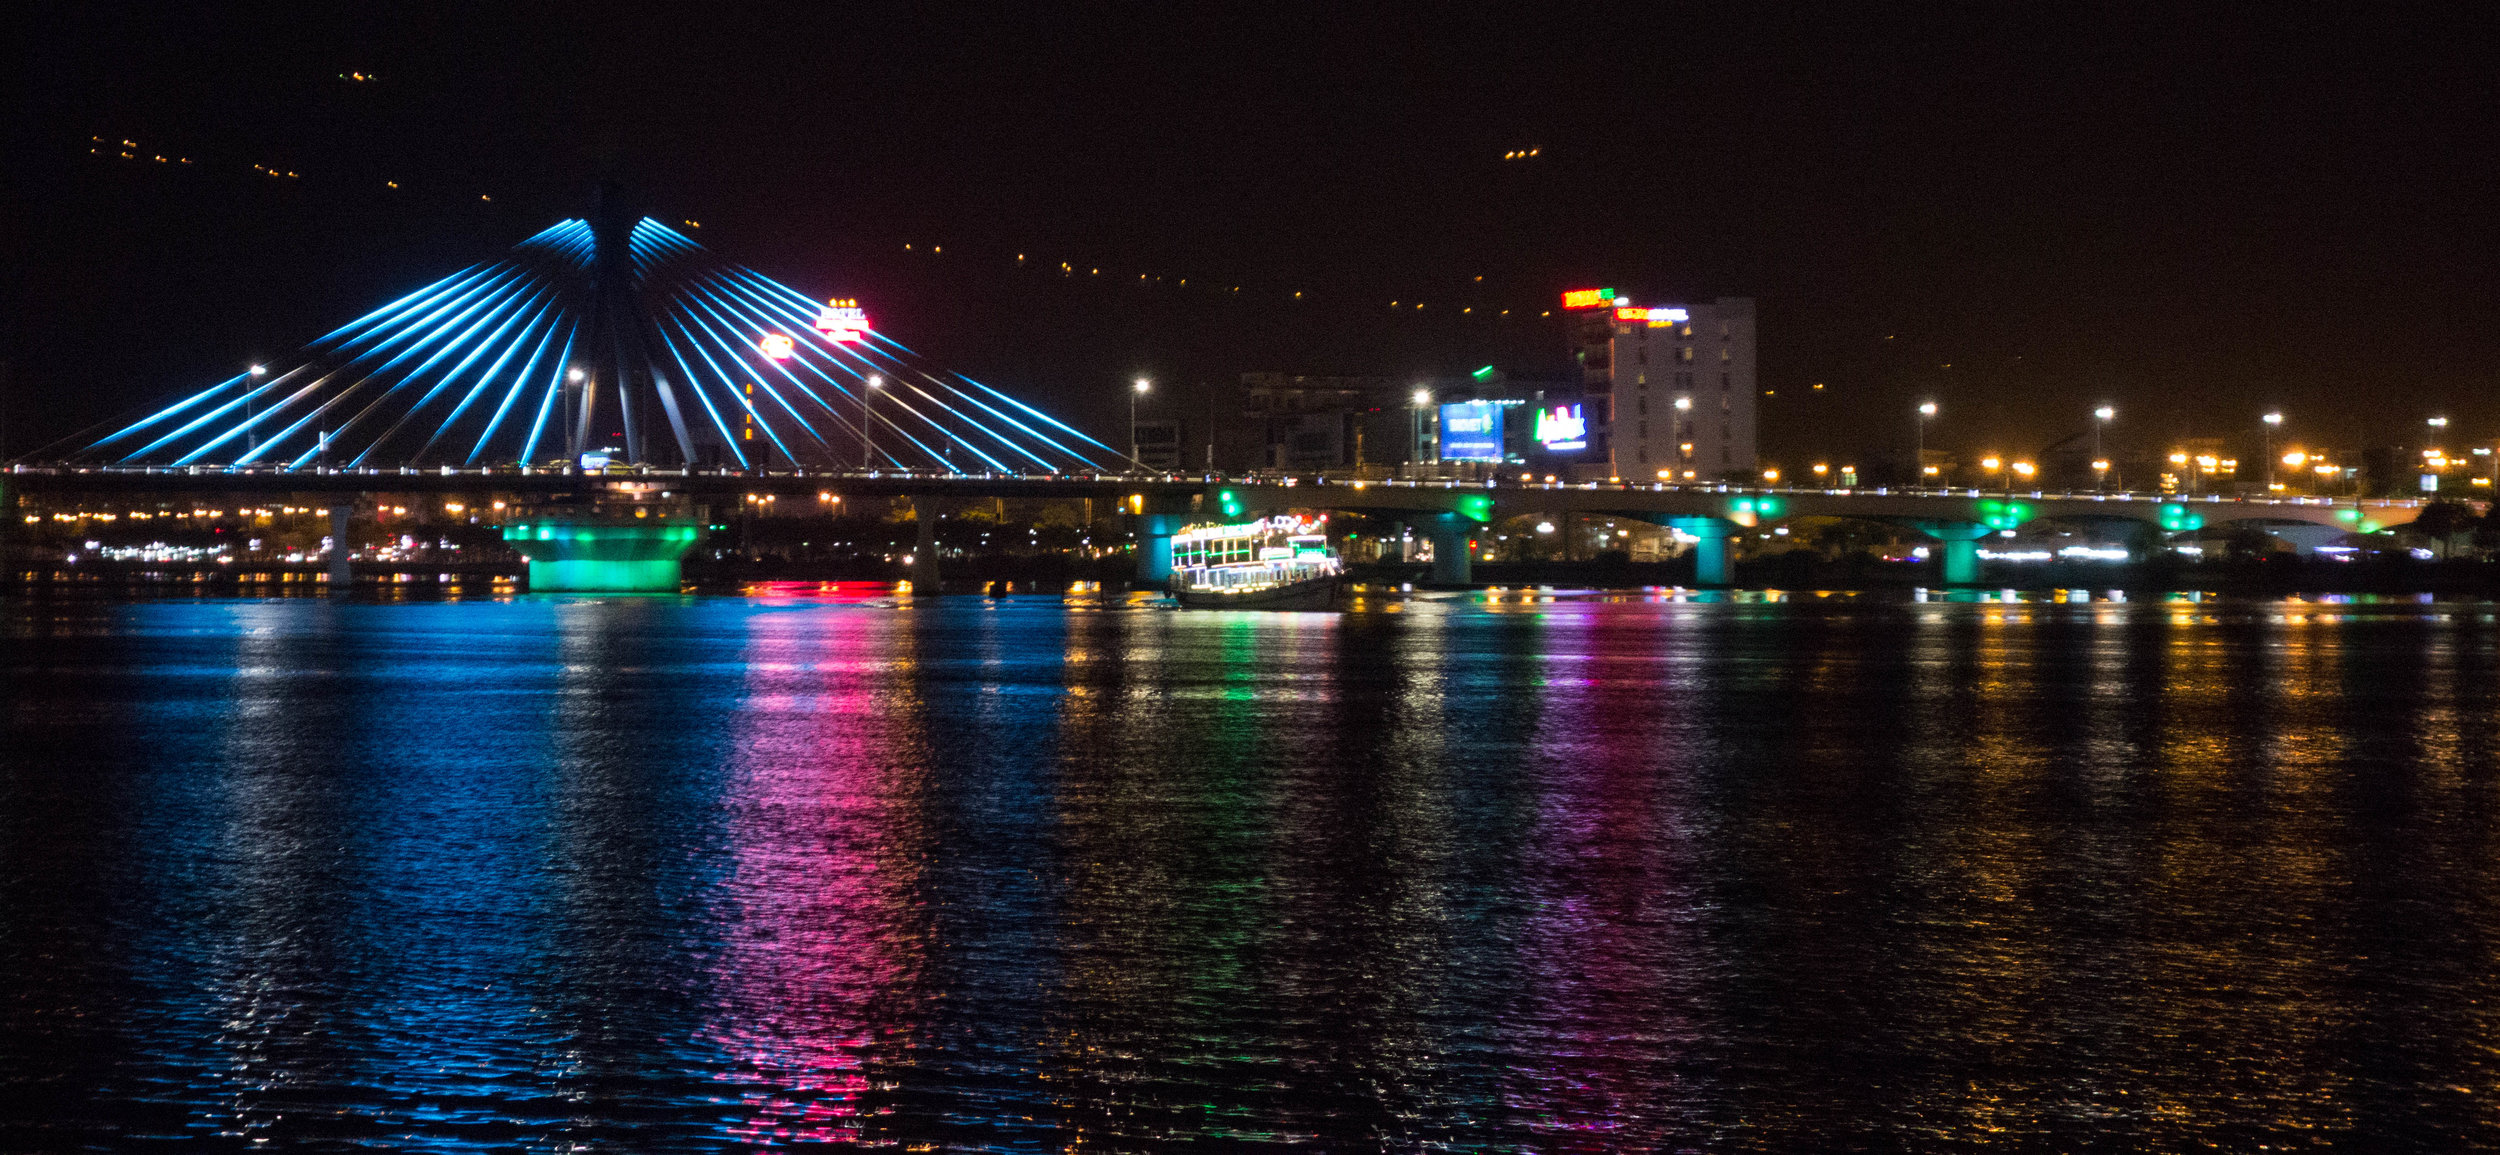 Neon on the Da Nang riverfront